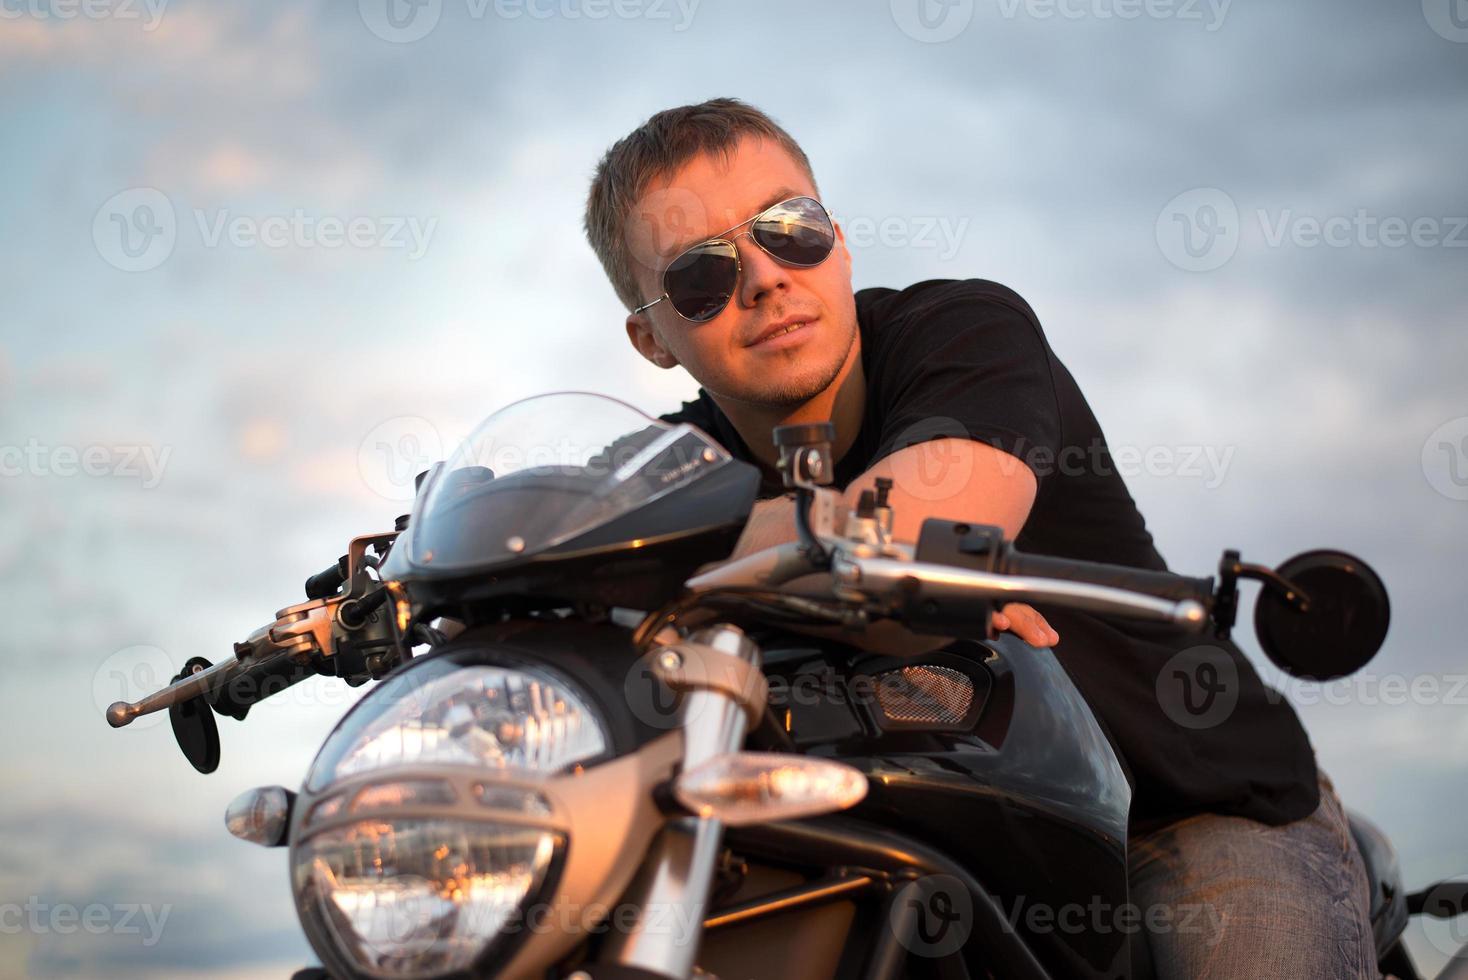 ritratto romantico bel motociclista uomo si siede su una bicicletta foto